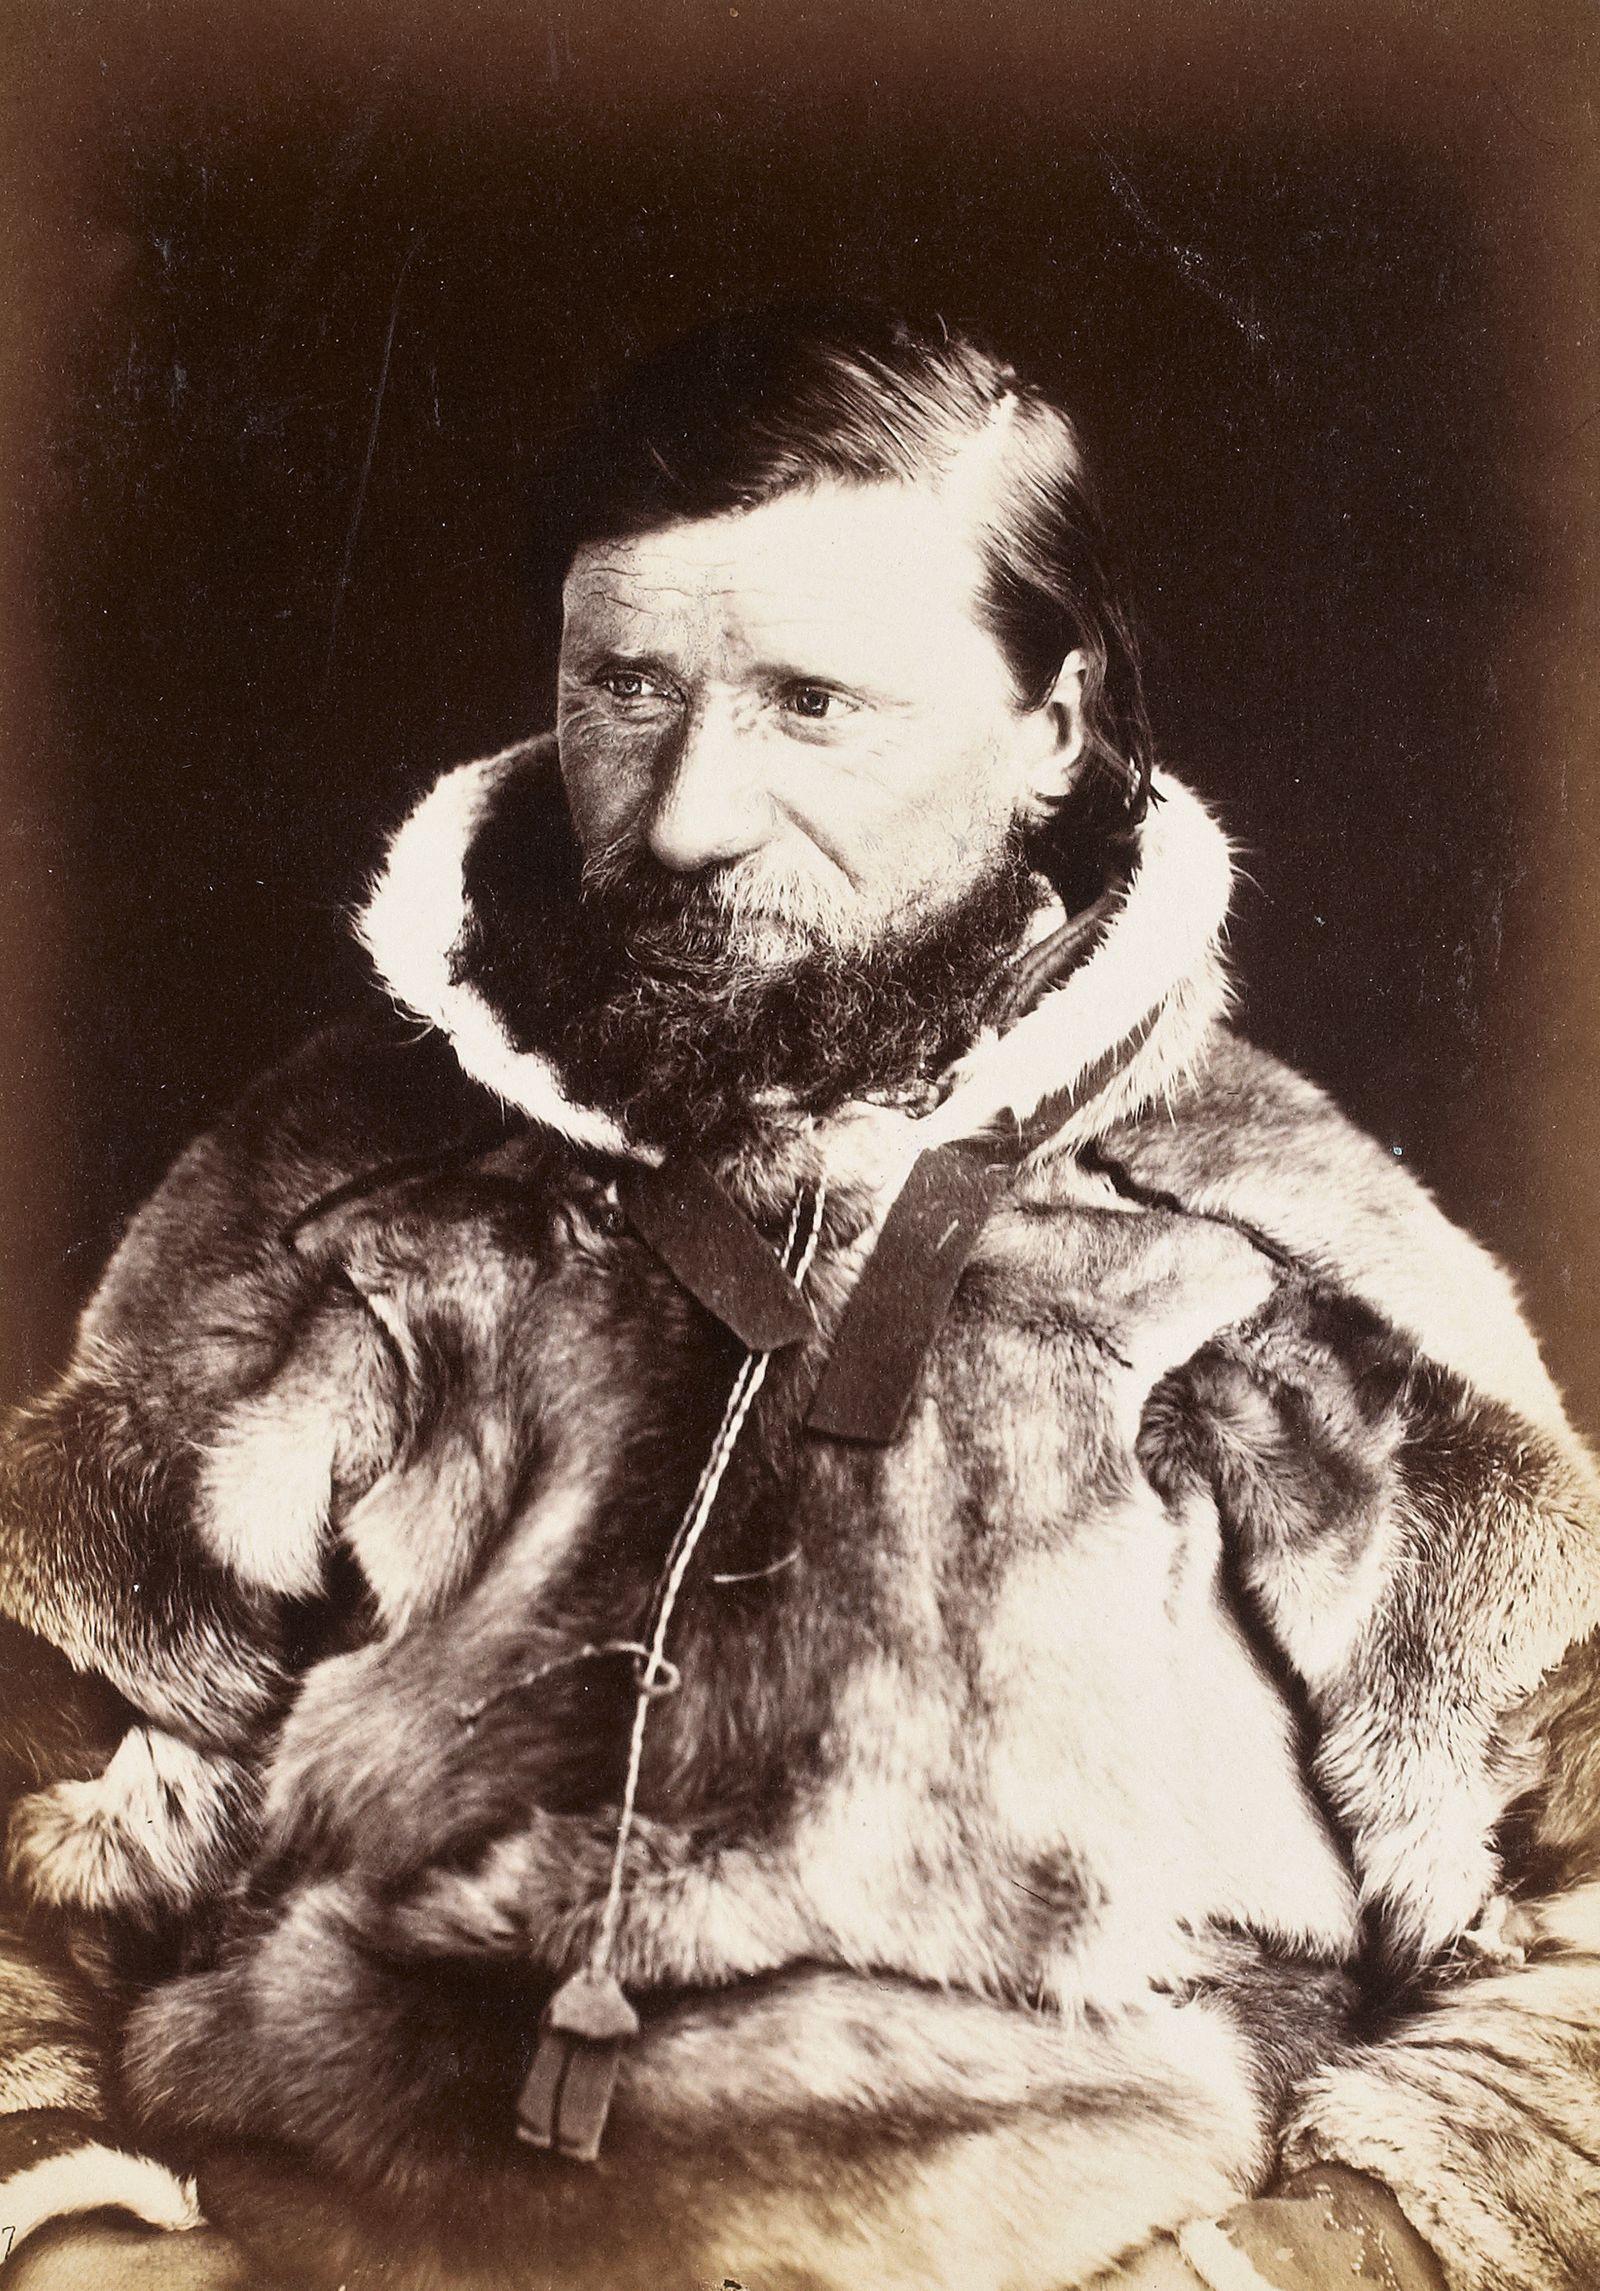 Historische Reisebilder - Johannes Mathisen Haetta, Kautokeino 1882/83